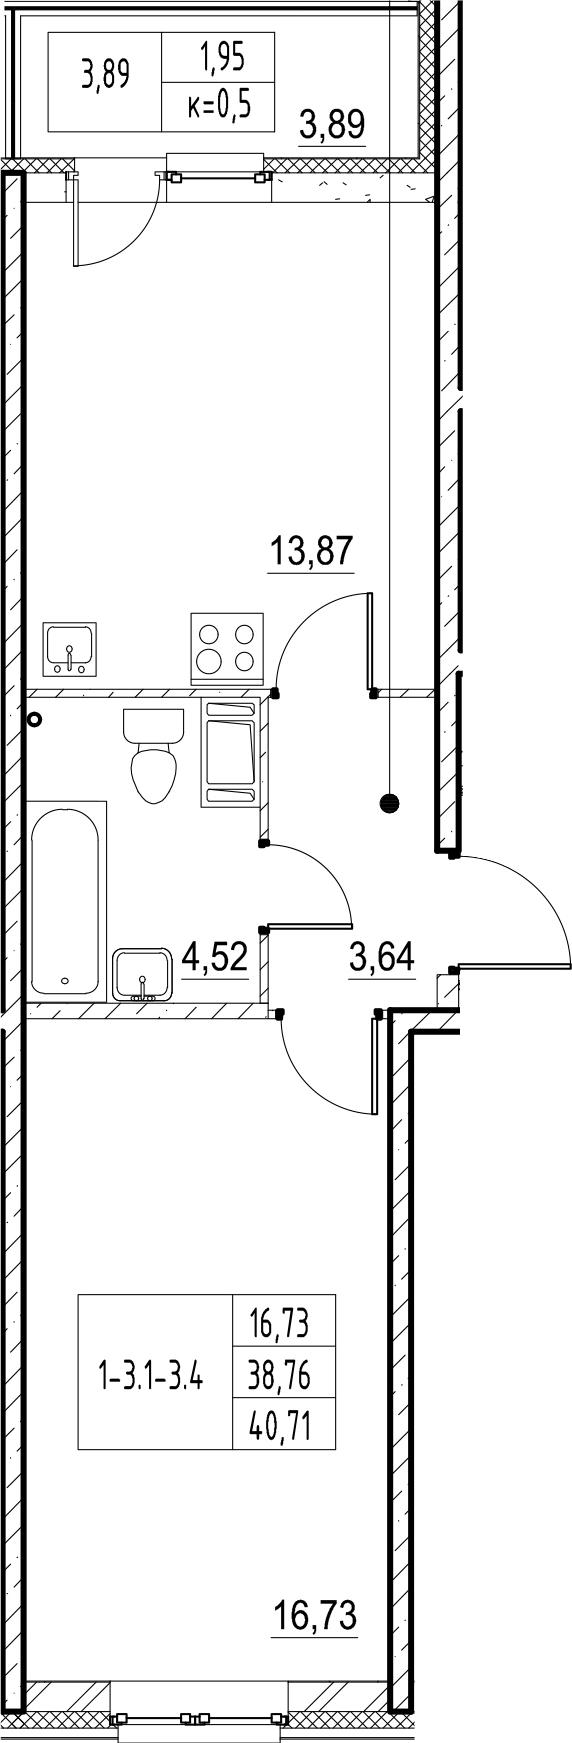 1-комнатная, 40.71 м²– 2